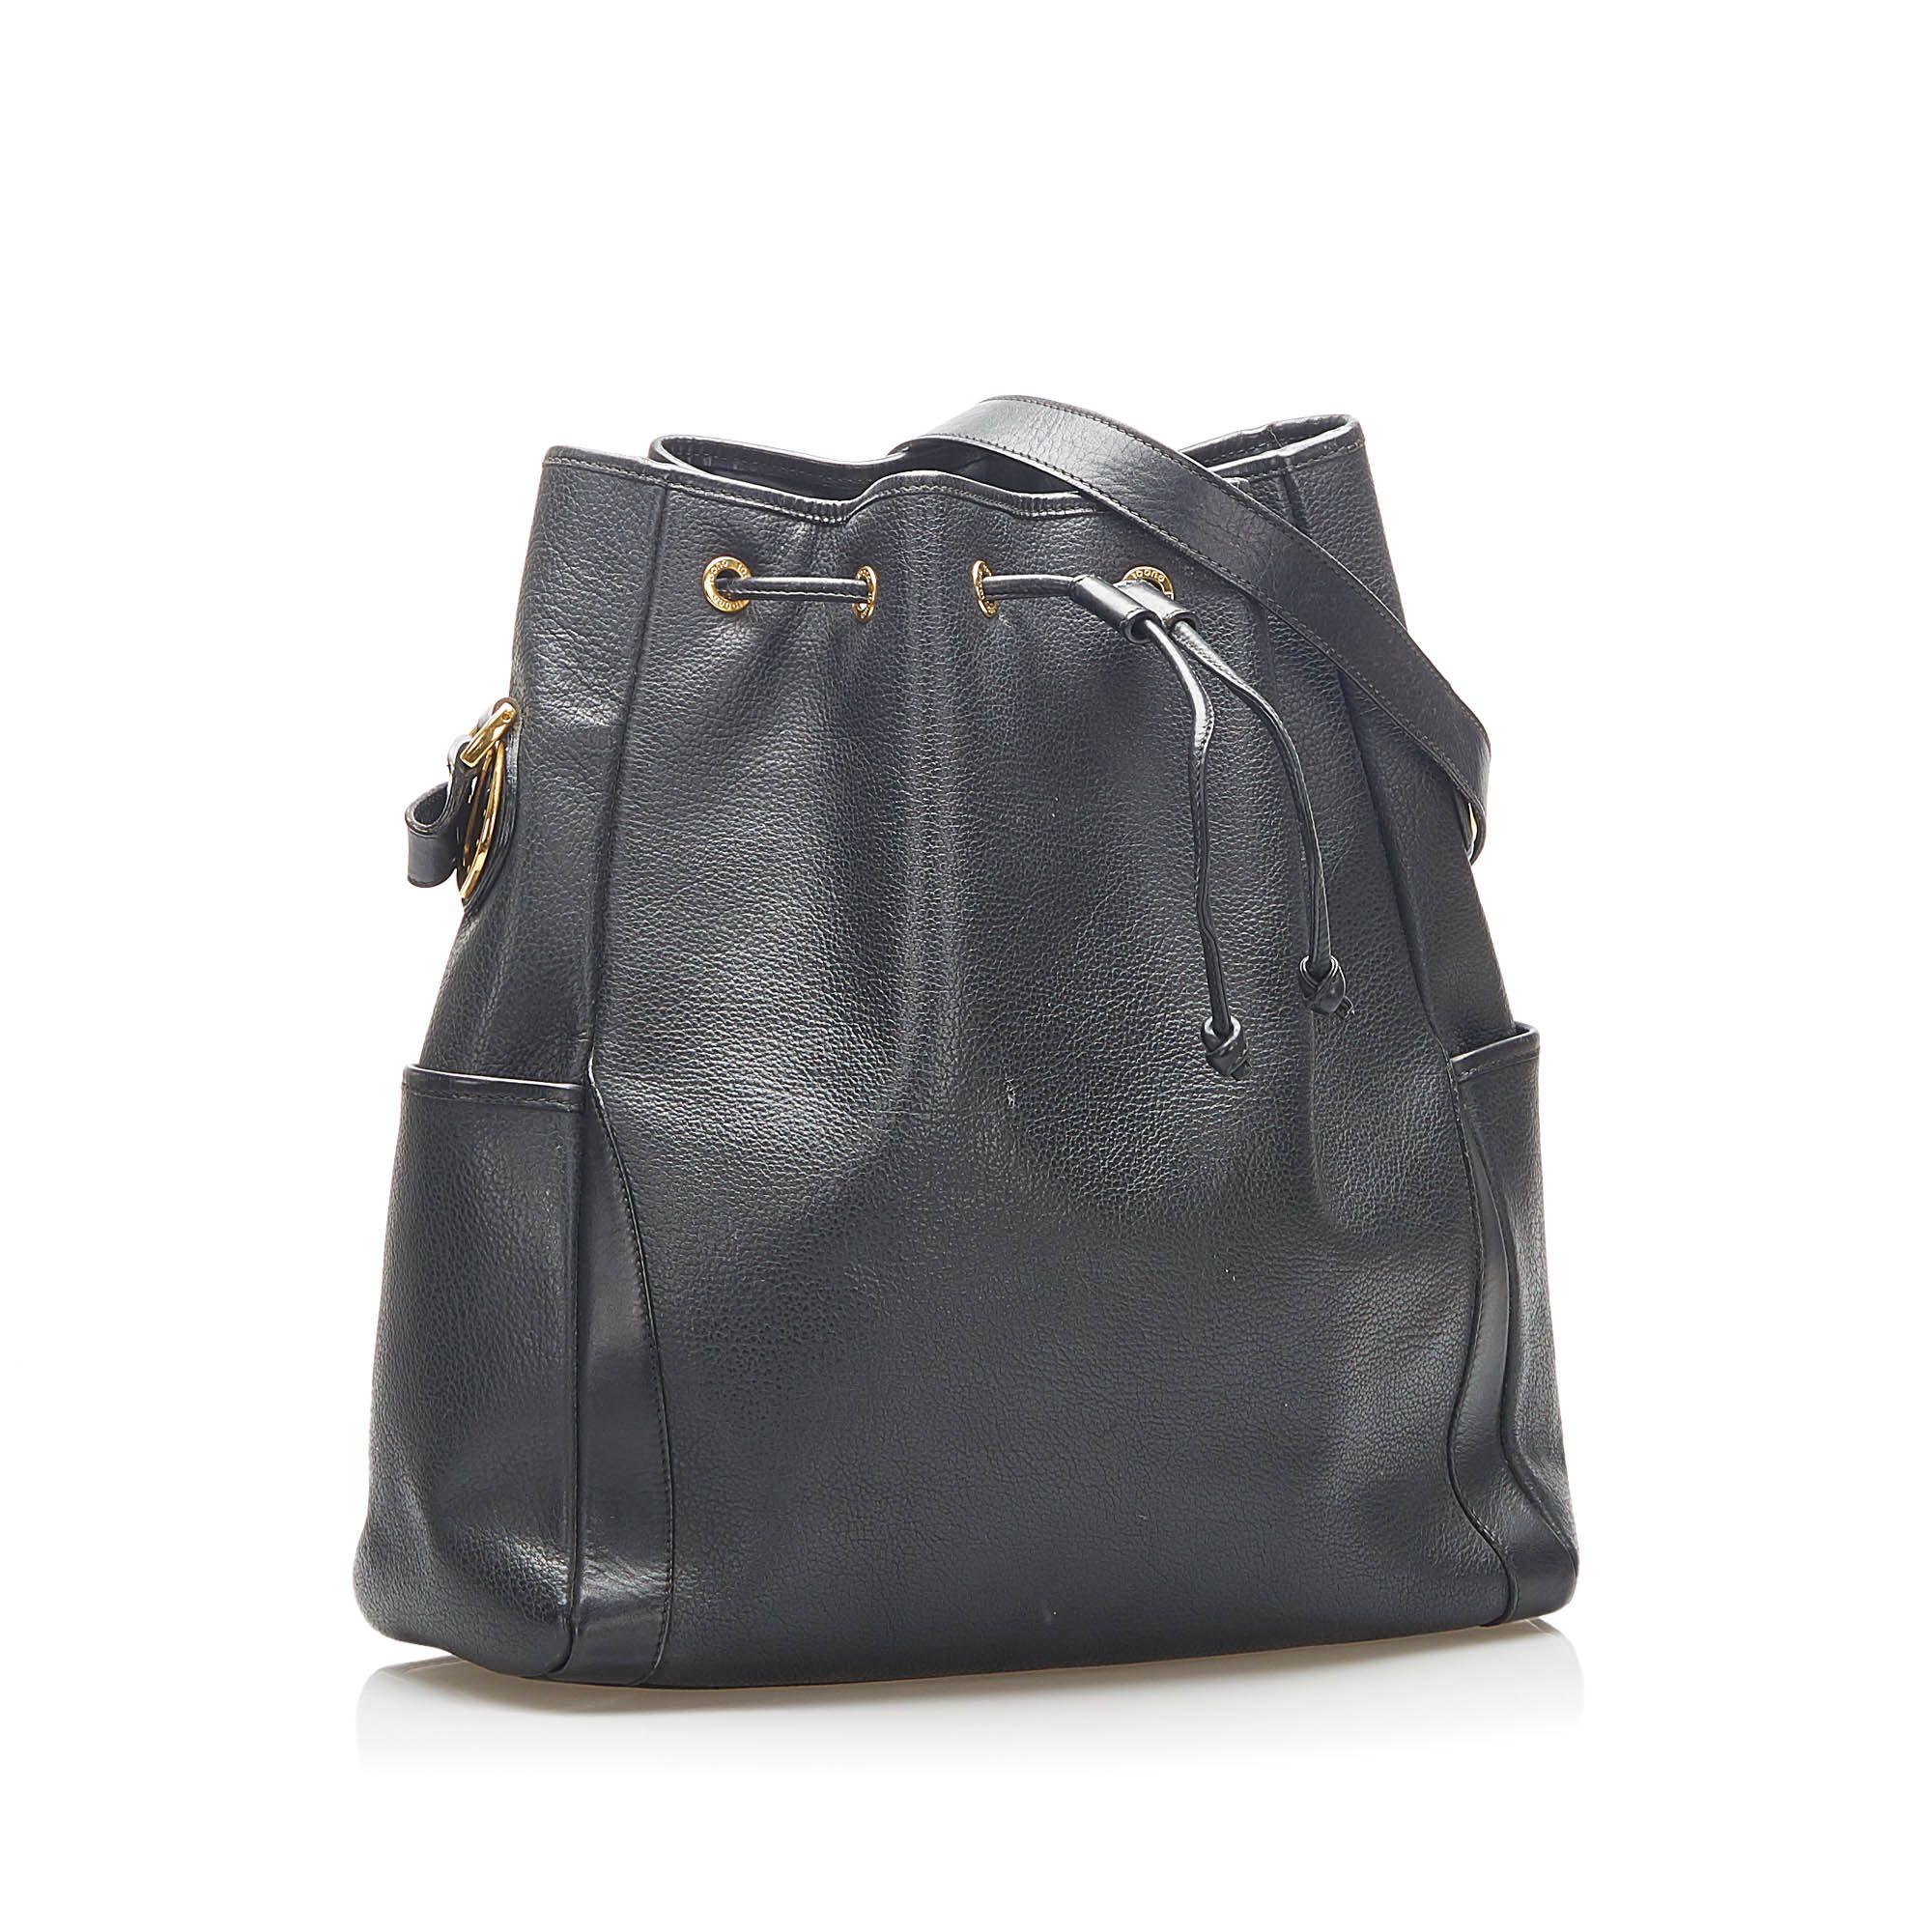 Vintage Gucci Leather Bucket Bag Black